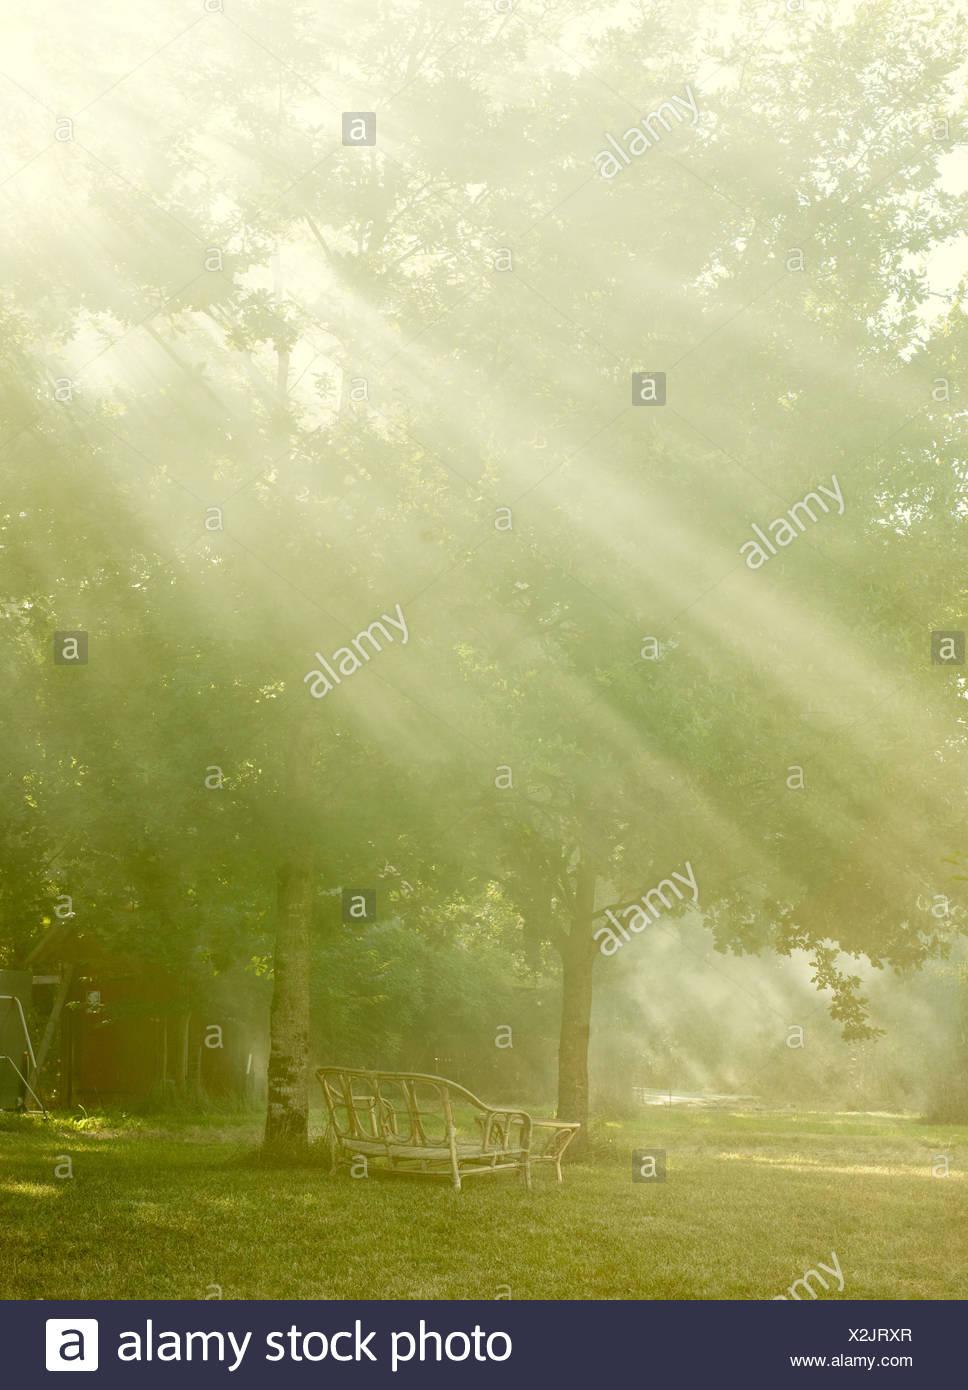 Gartenmöbel und Bäume in Sonnenstrahlen Stockbild